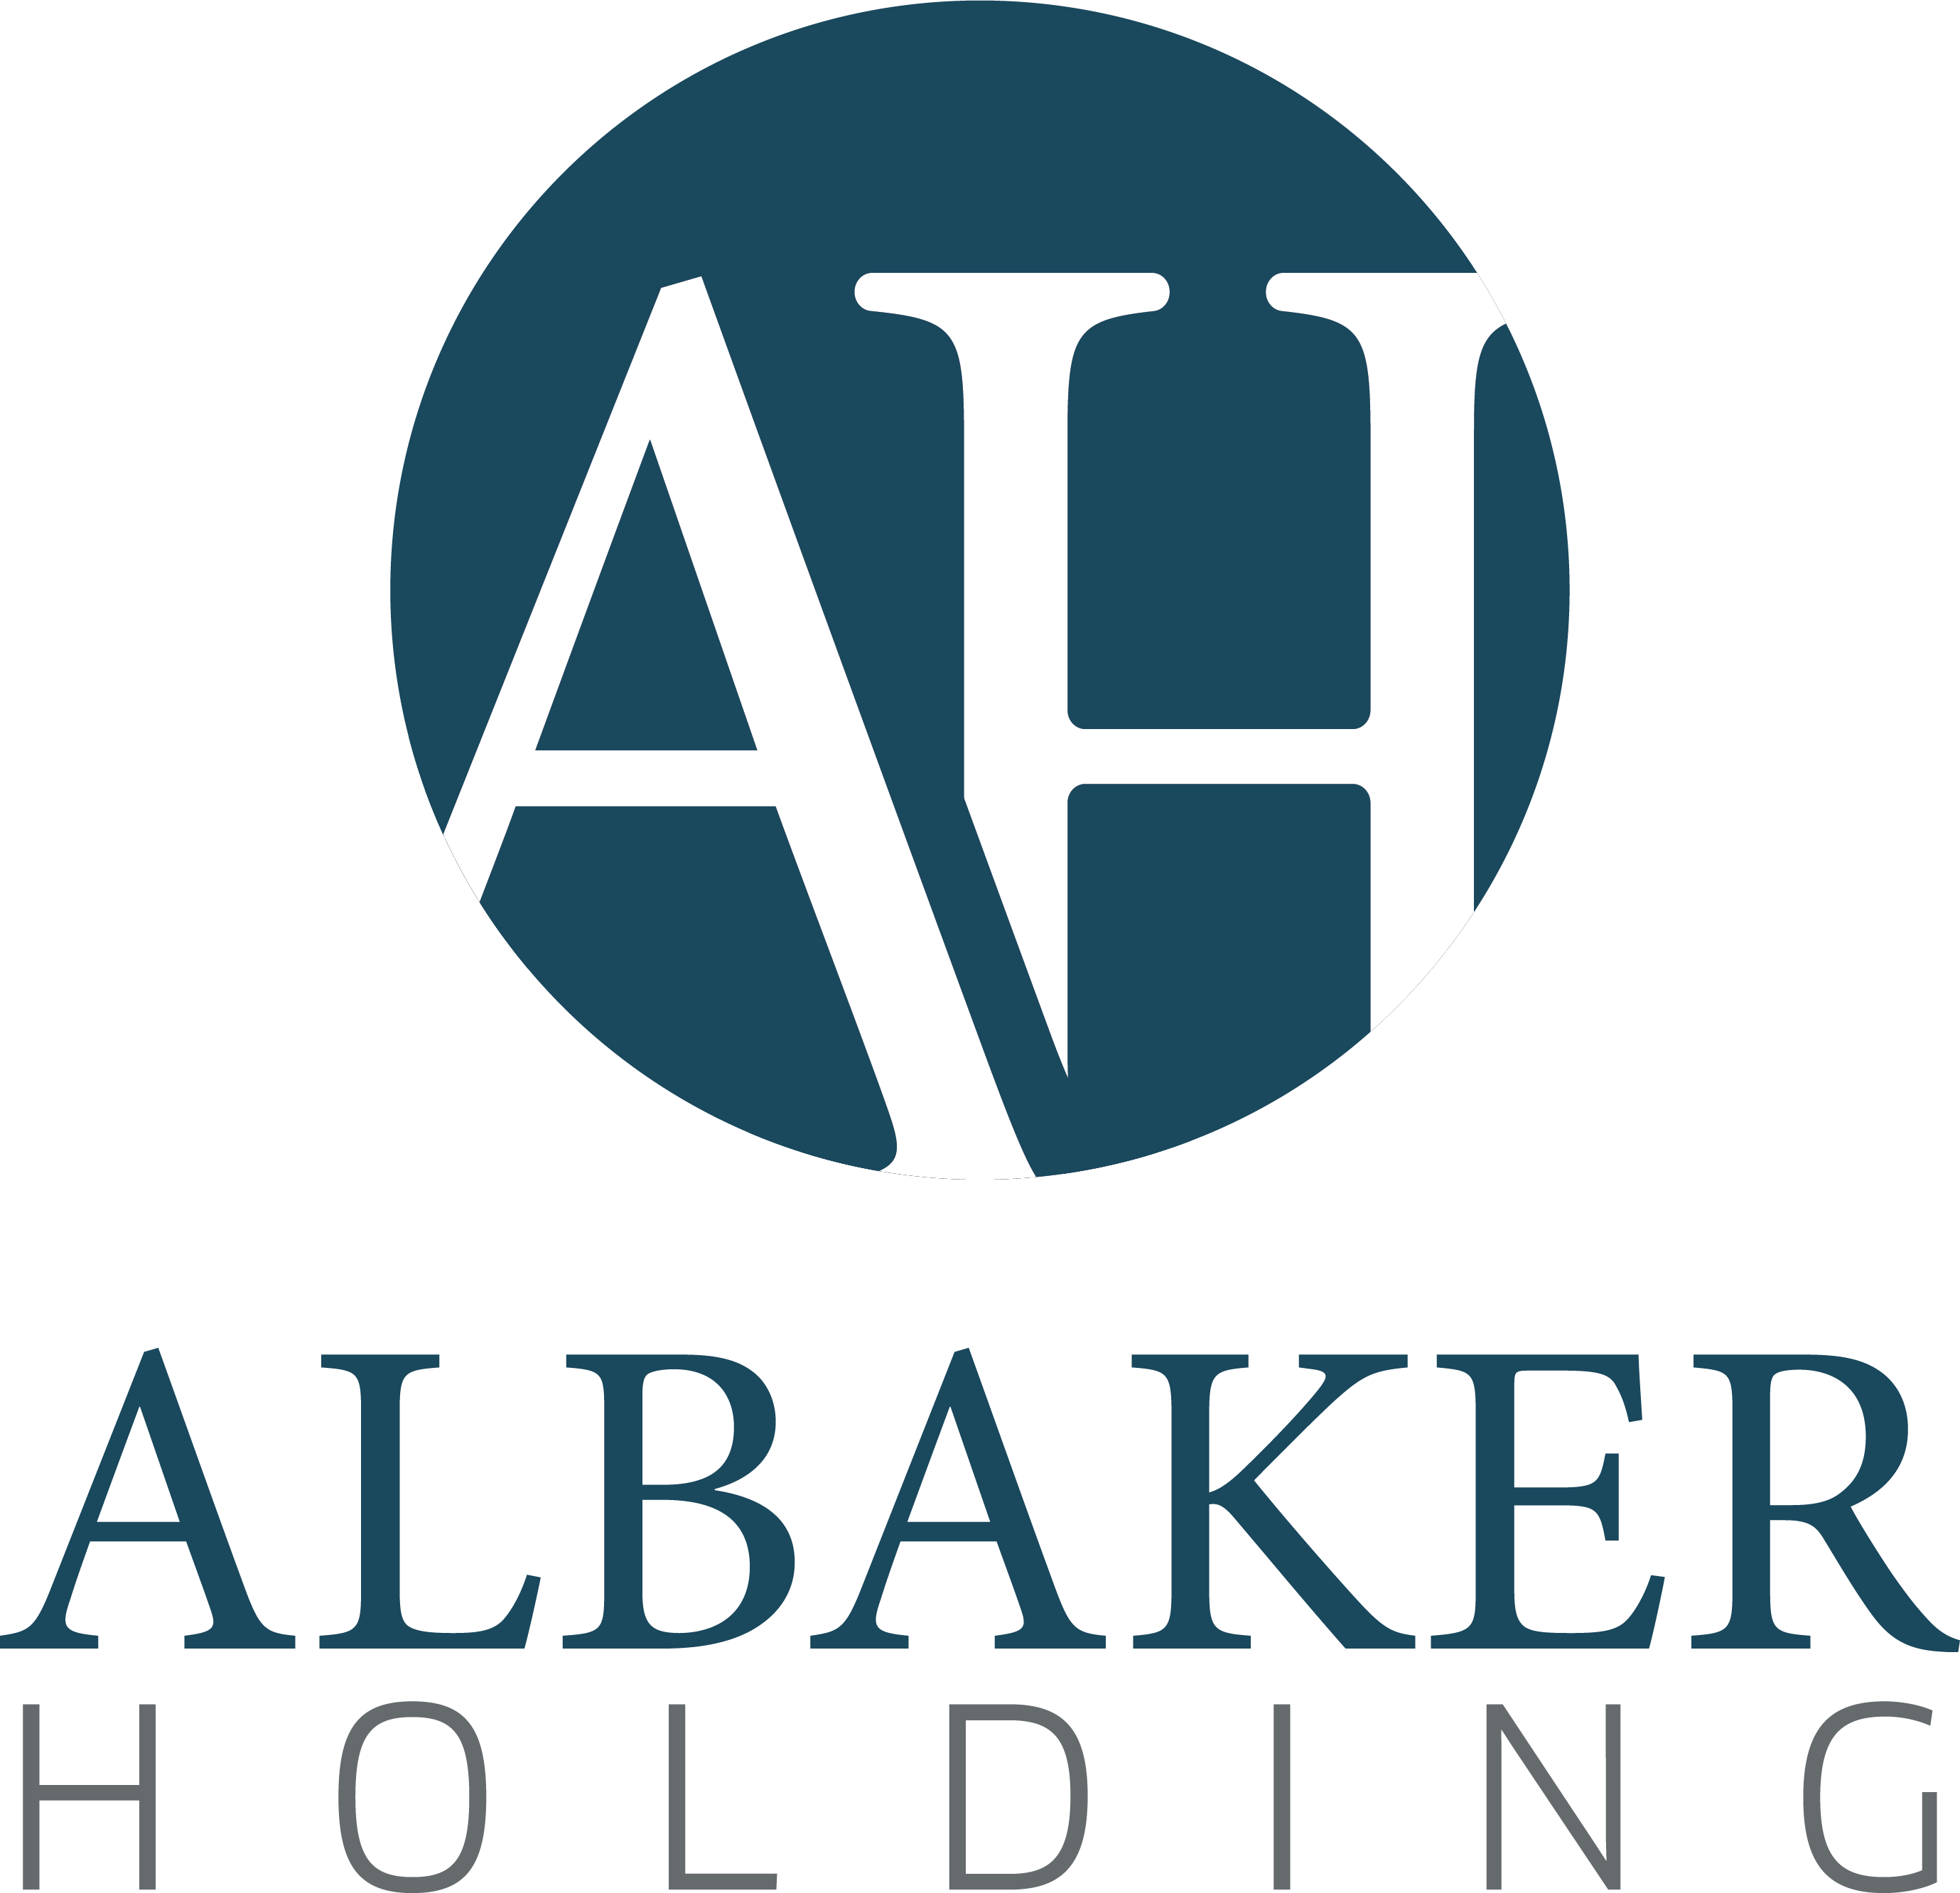 Albaker Holding-01